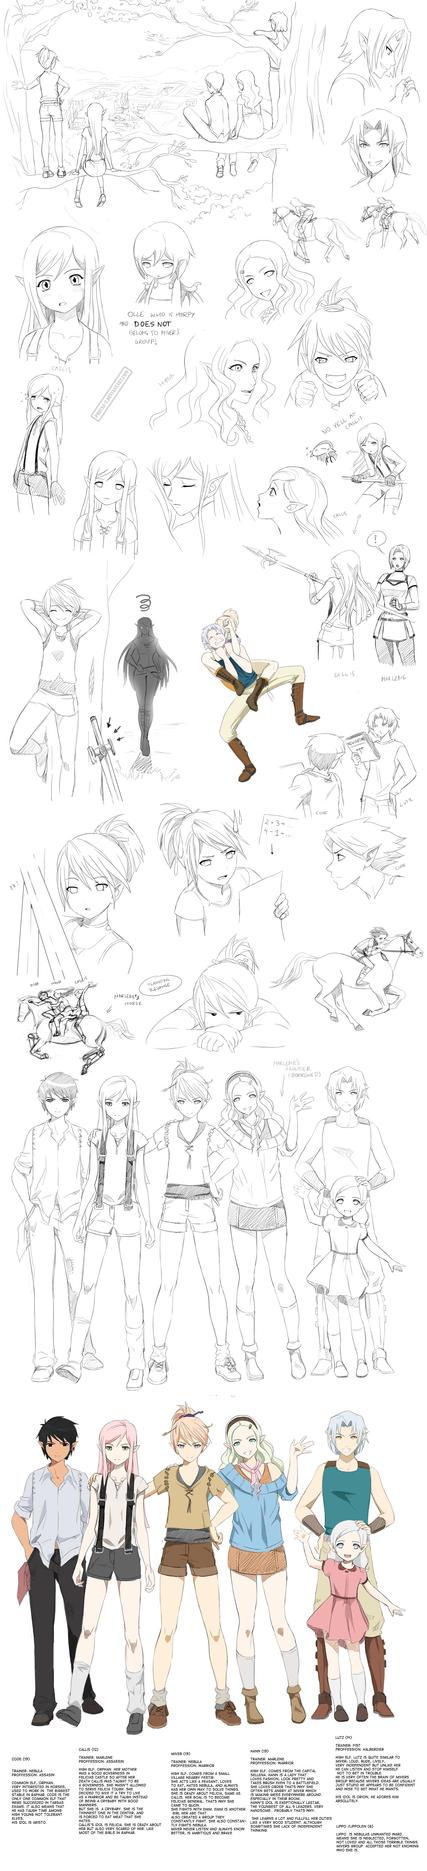 Targa doodles (teens) by Precia-T